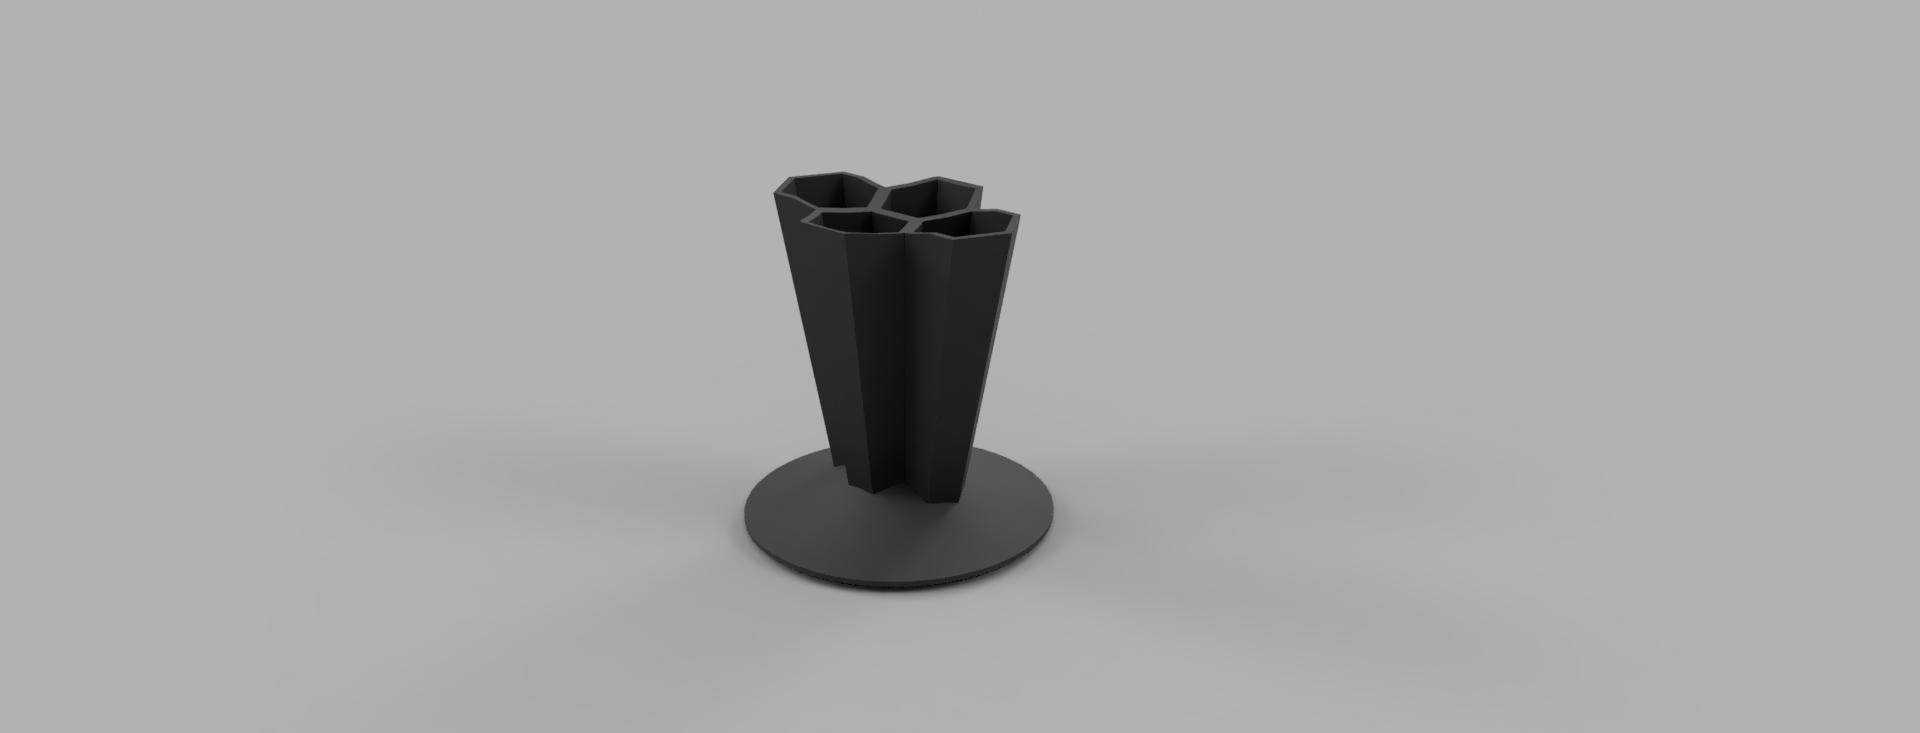 674fe0e2-2c43-4962-ac96-1f3b149f4e96.PNG Télécharger fichier STL gratuit Porte brosse à dents • Plan pour imprimante 3D, CR10Maker